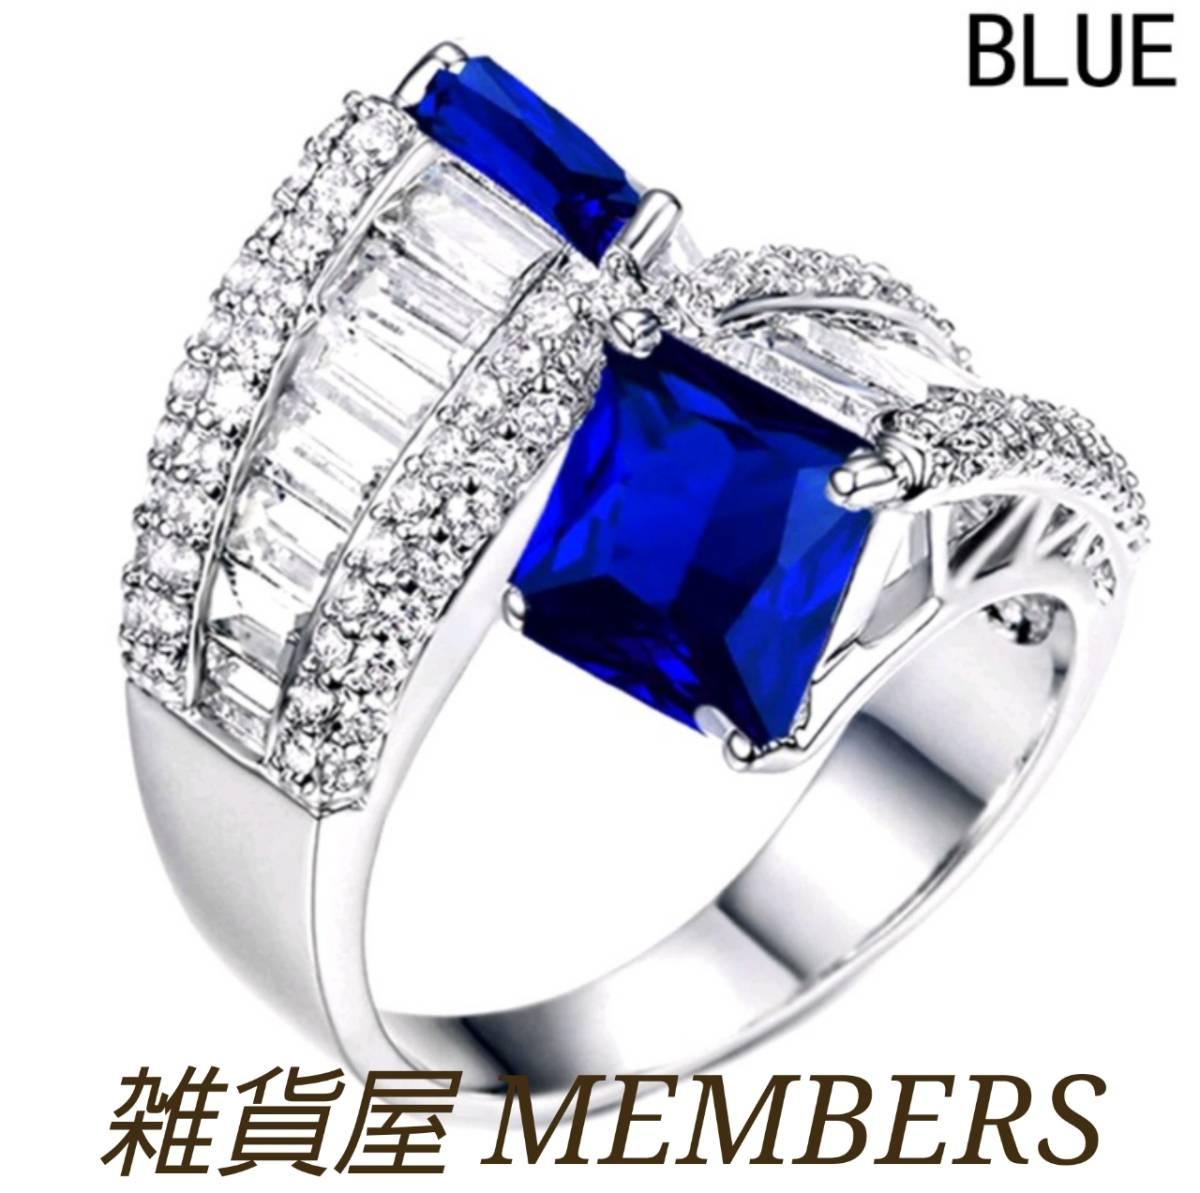 送料無料18号クロムシルバーブルーサファイアクリアスーパーCZダイヤモンドデザイナーズジュエリーインフィニティリング指輪値下残りわずか_画像2